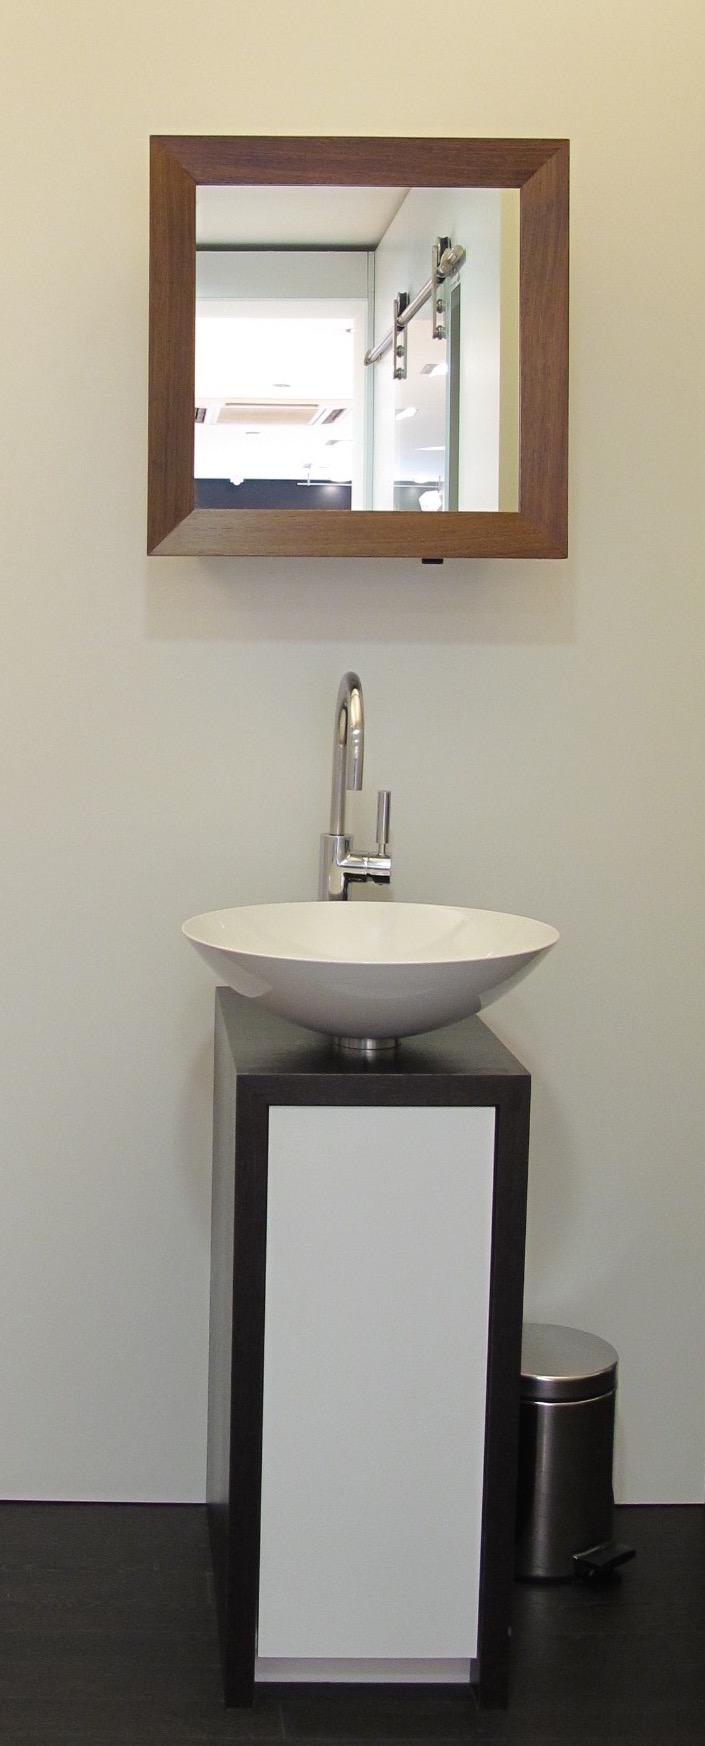 Petit et compact agencement trunz for Lavabo petit espace